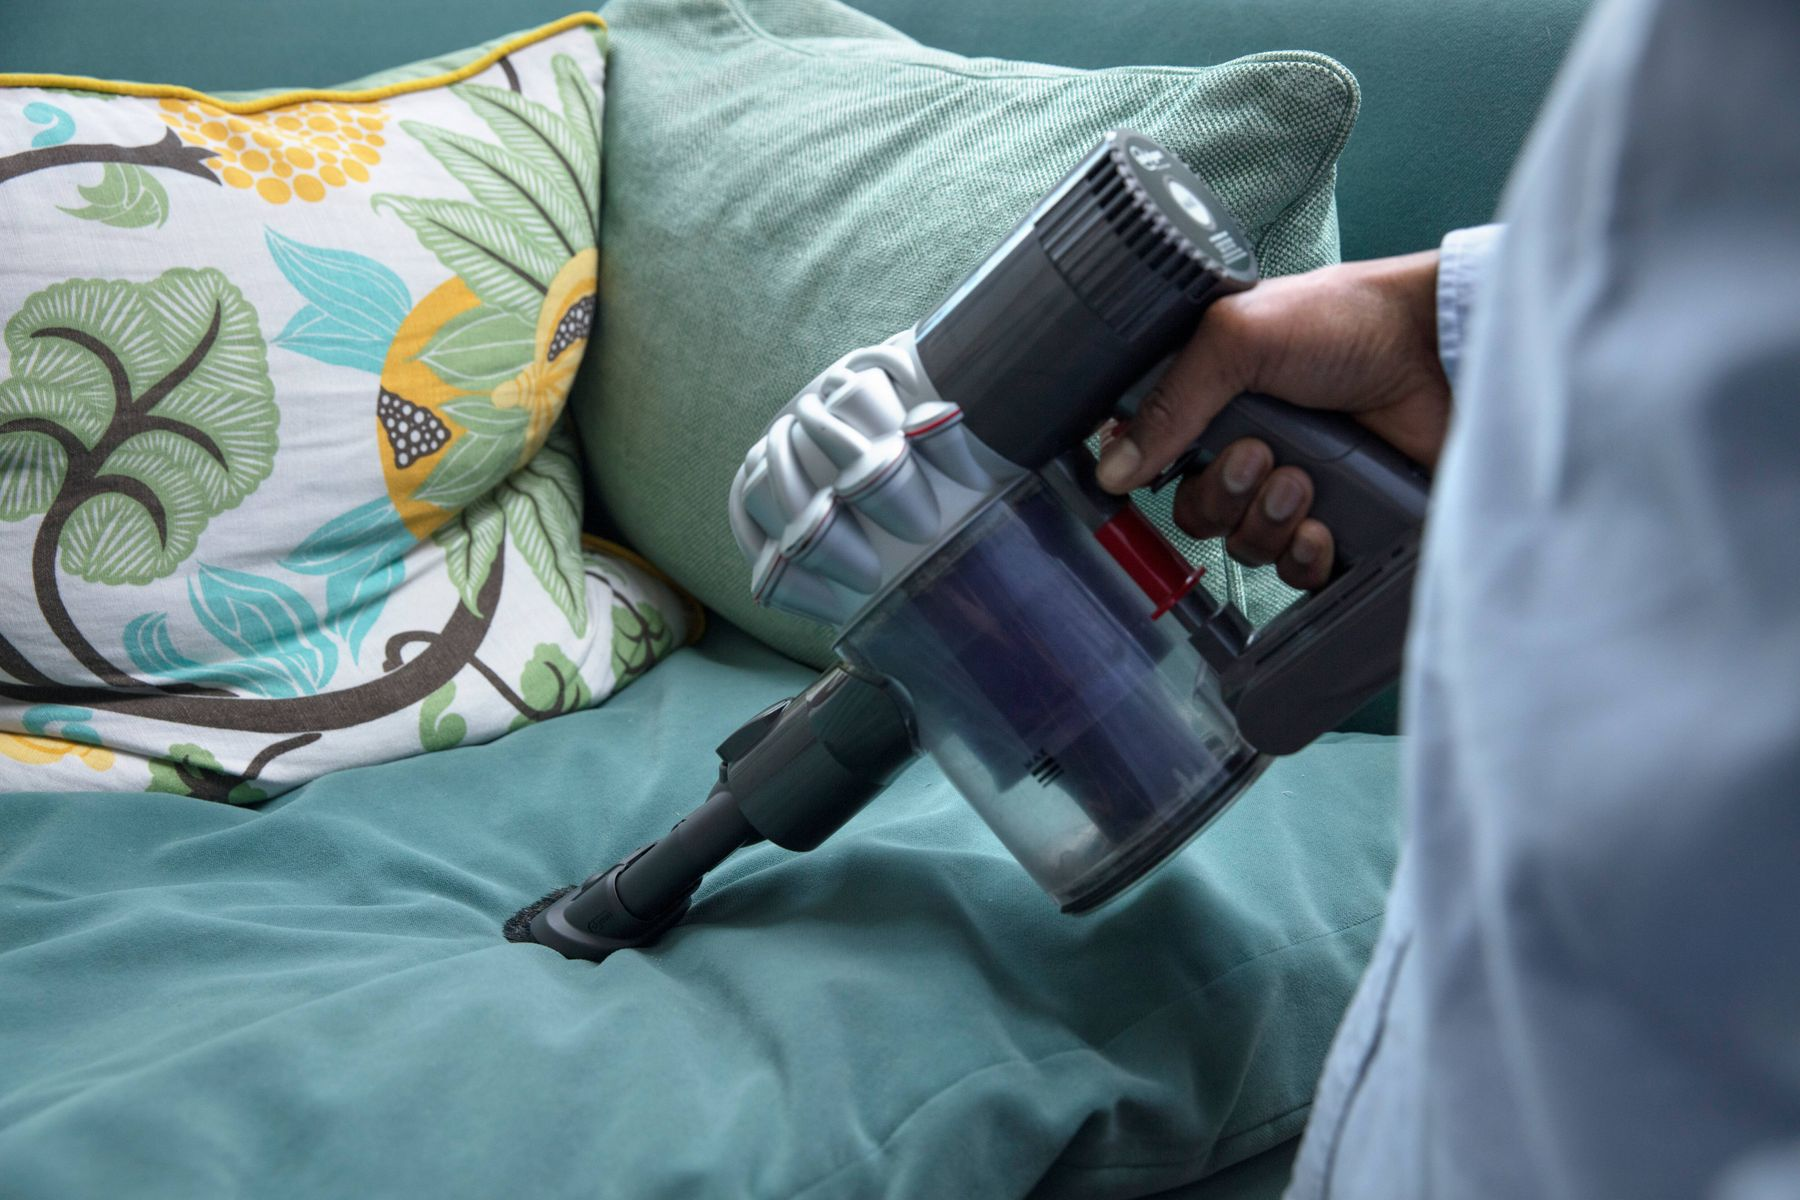 Vệ sinh nệm tại nhà đơn giản chỉ với bình xịt, máy hút bụi, khử sạch mùi hôi, làm nệm mới hơn